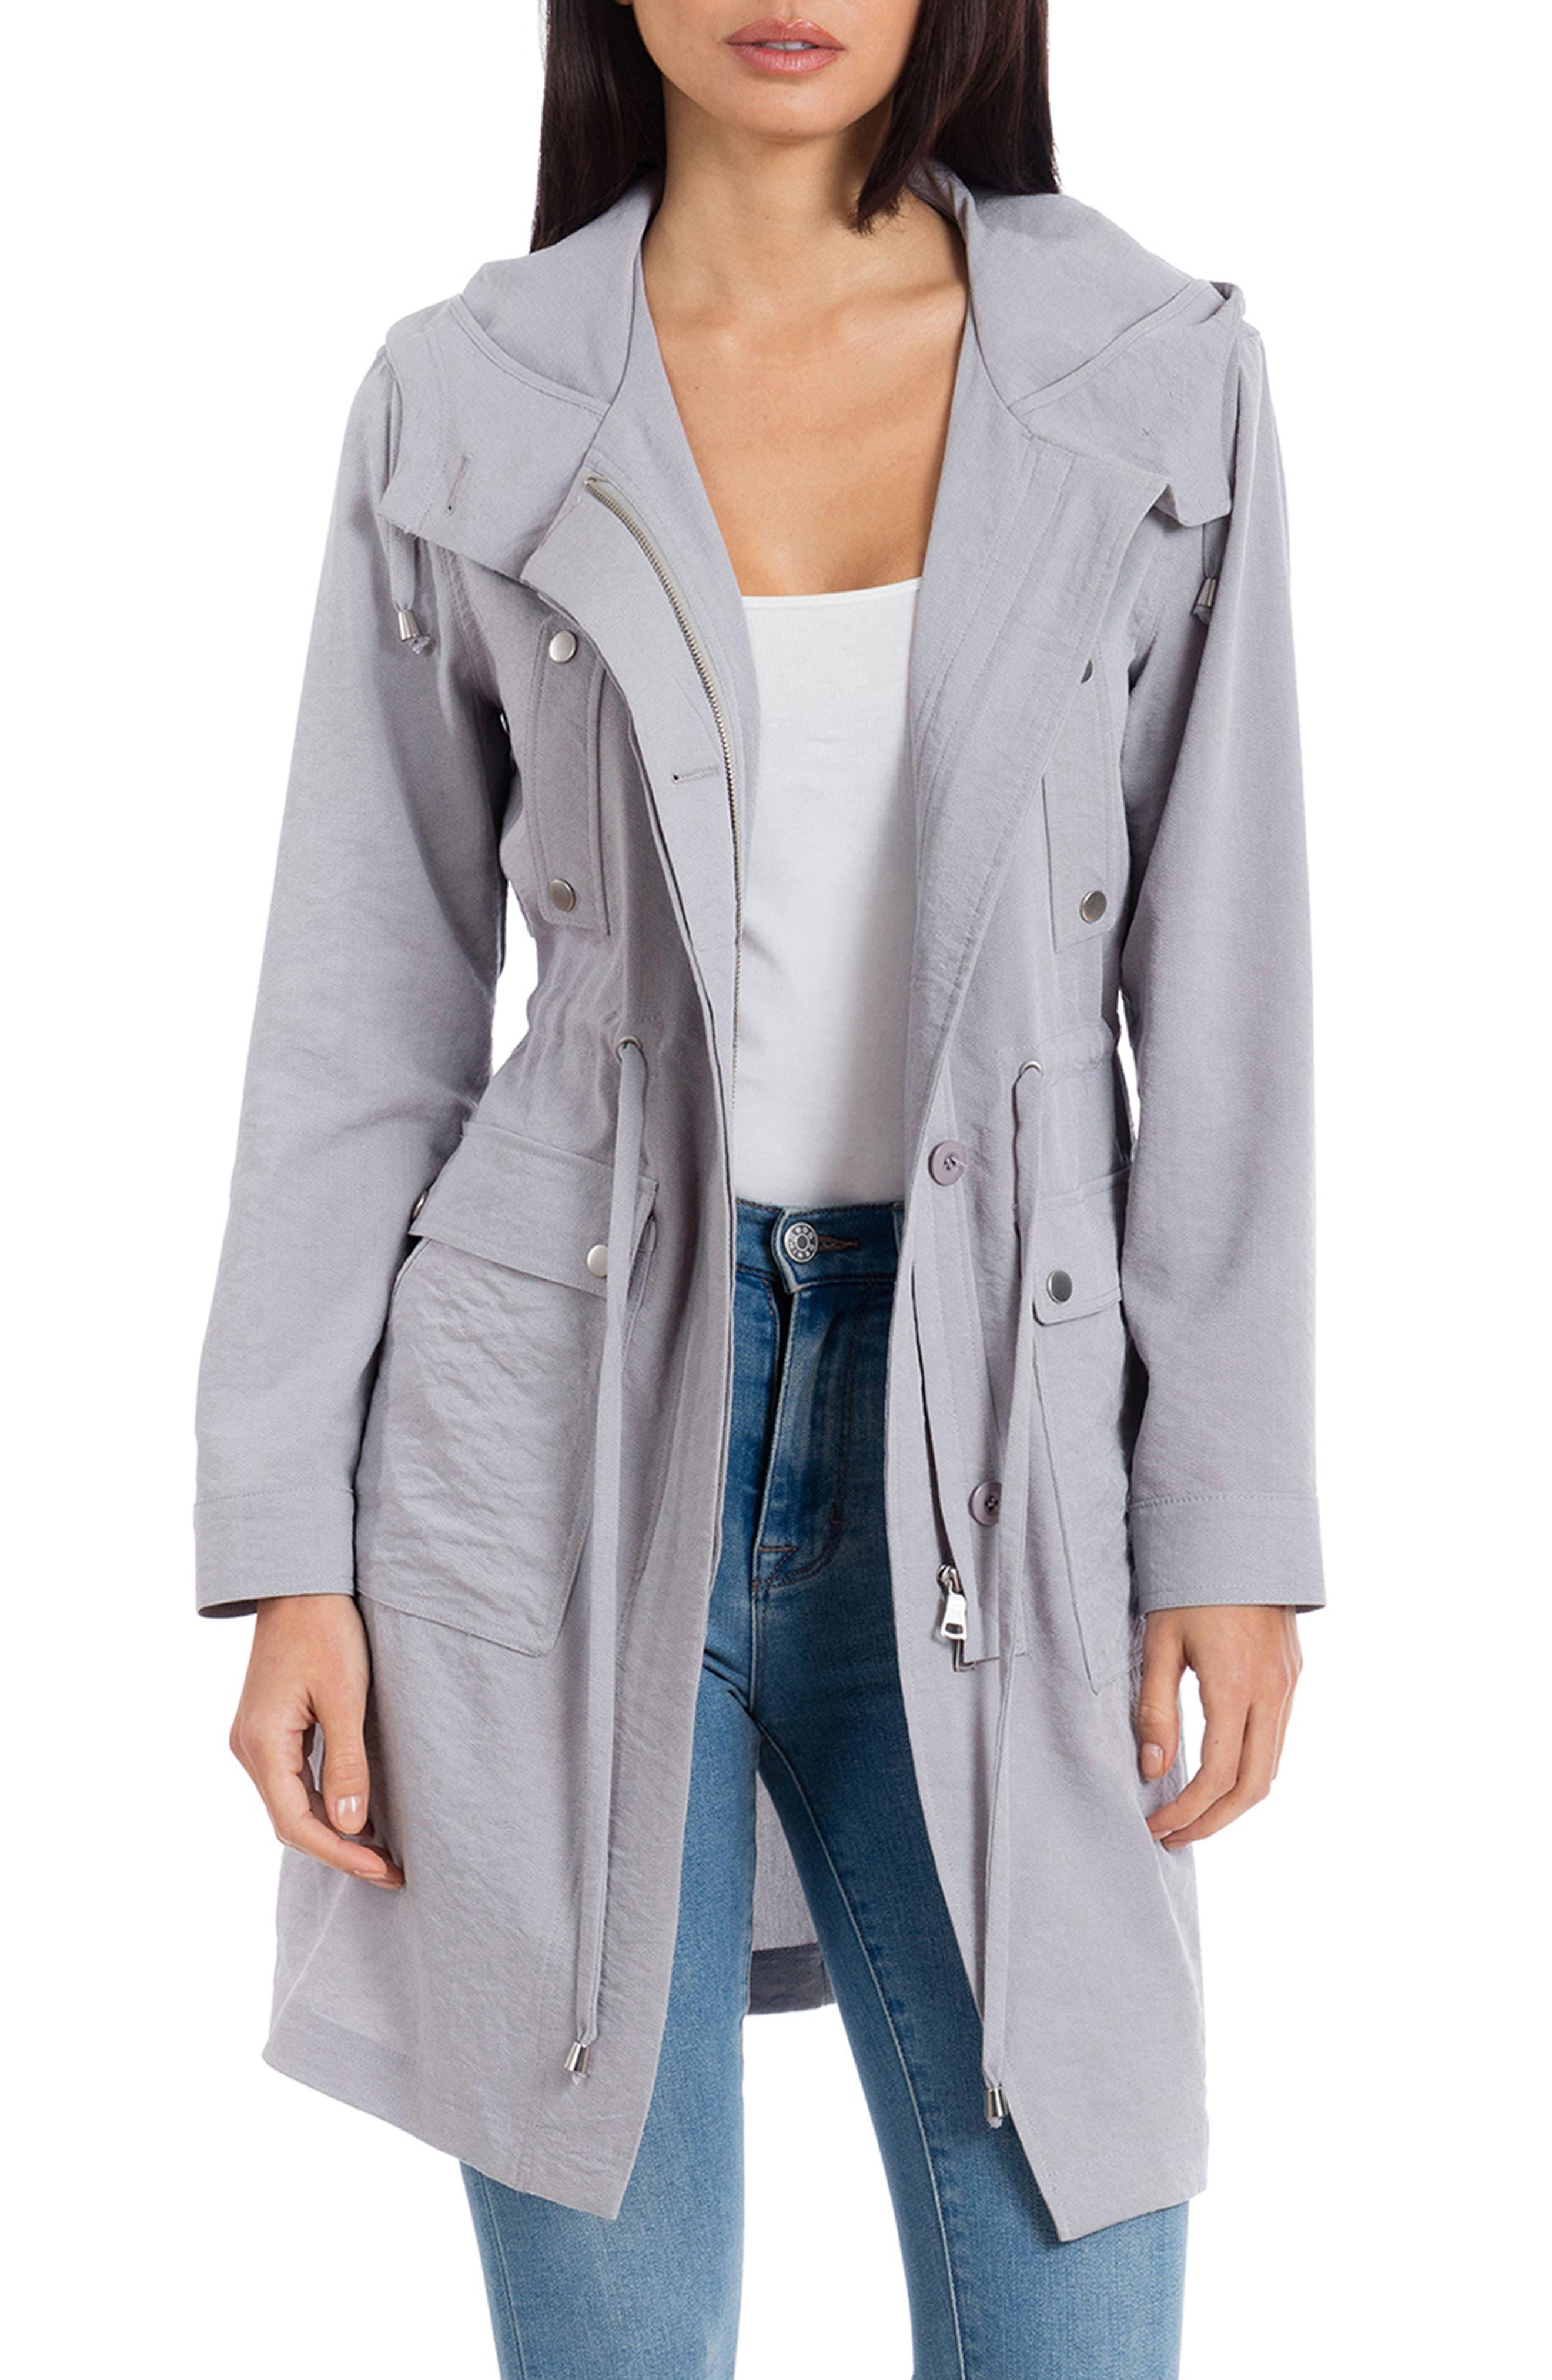 5600abc1663 Women s Avec Les Filles Coats   Jackets